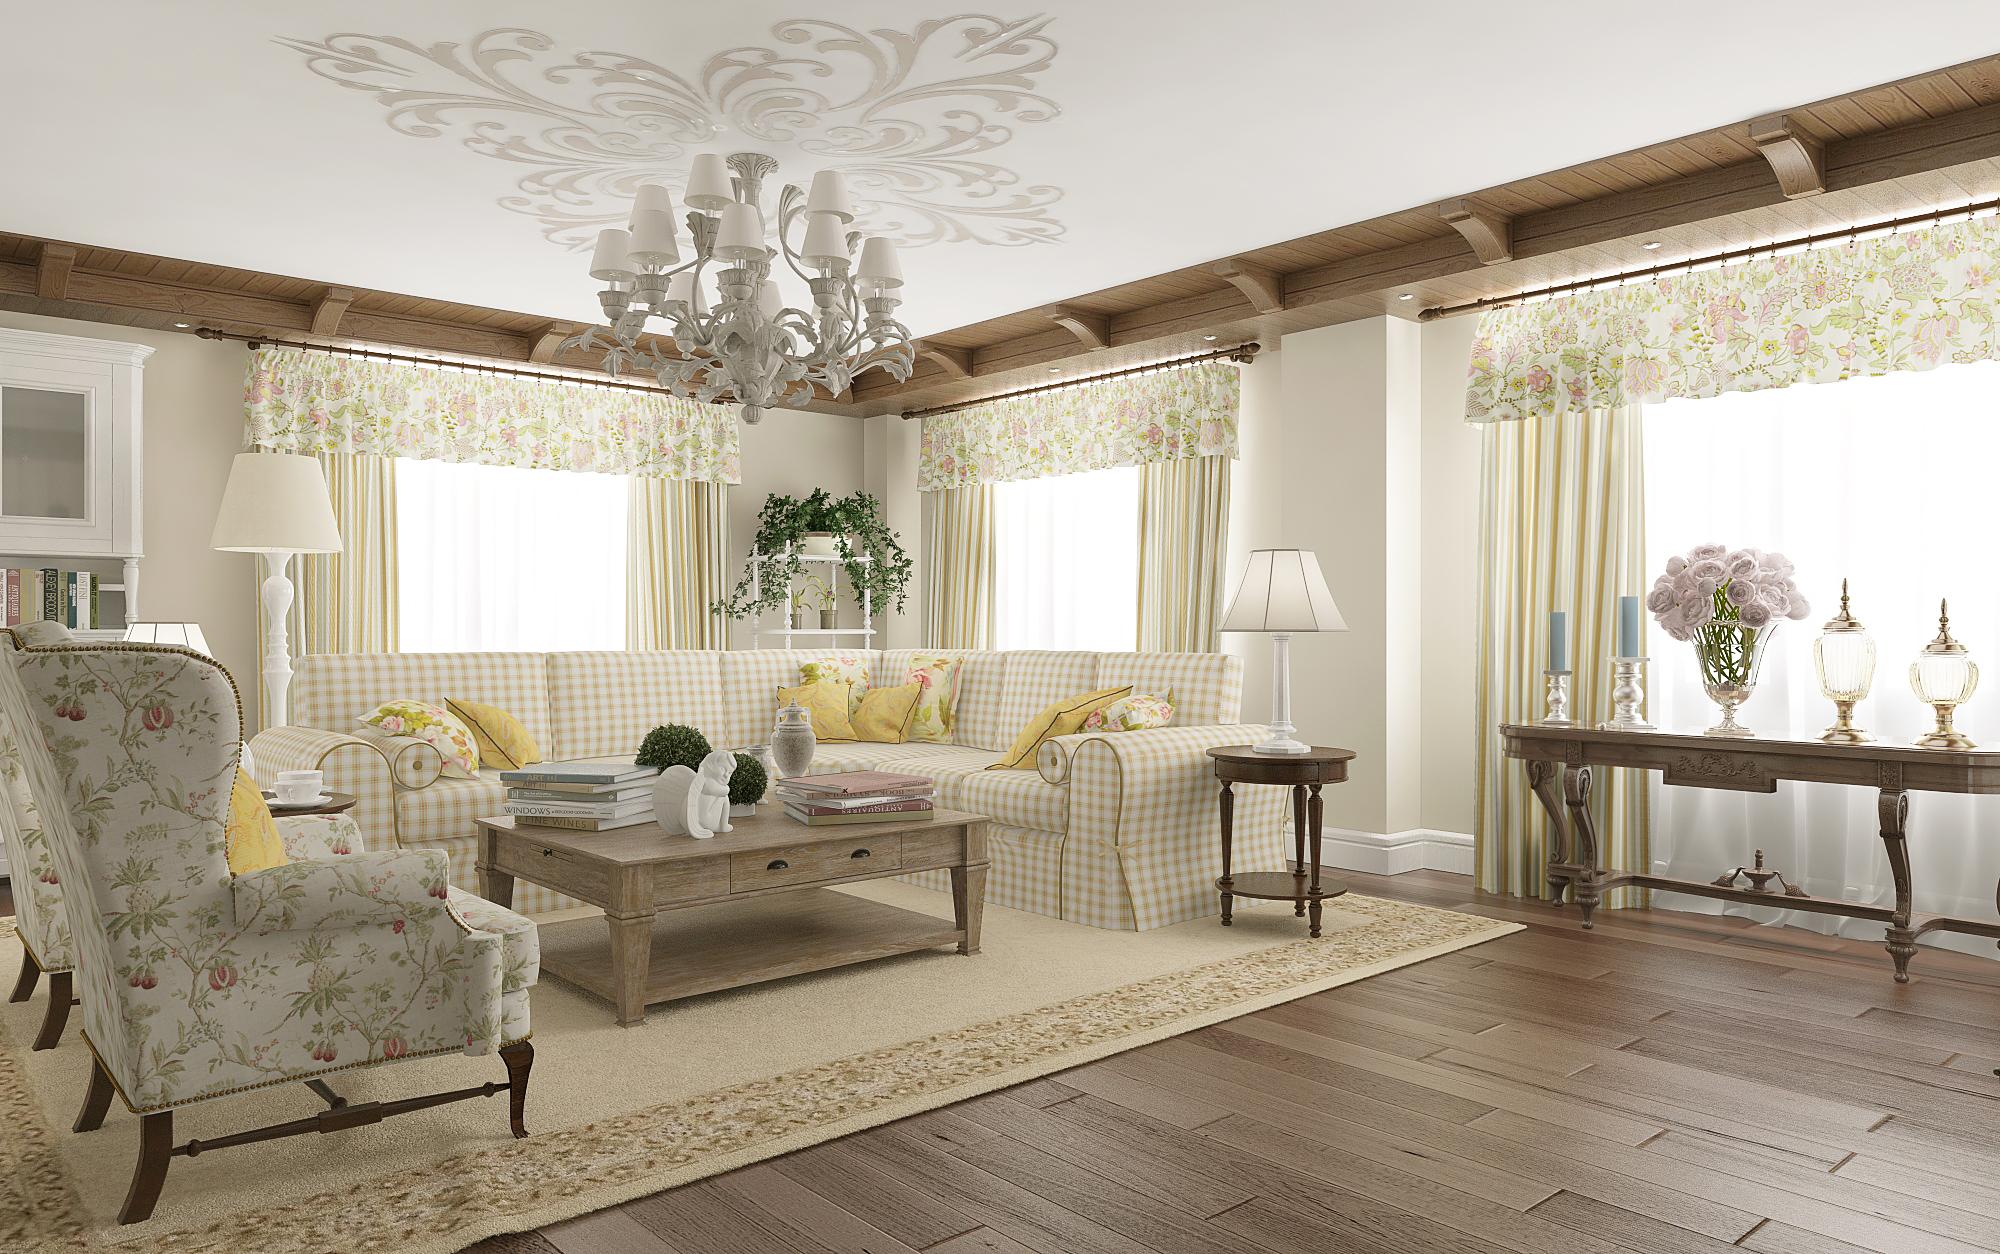 Интерьеры в стиле прованс в квартире